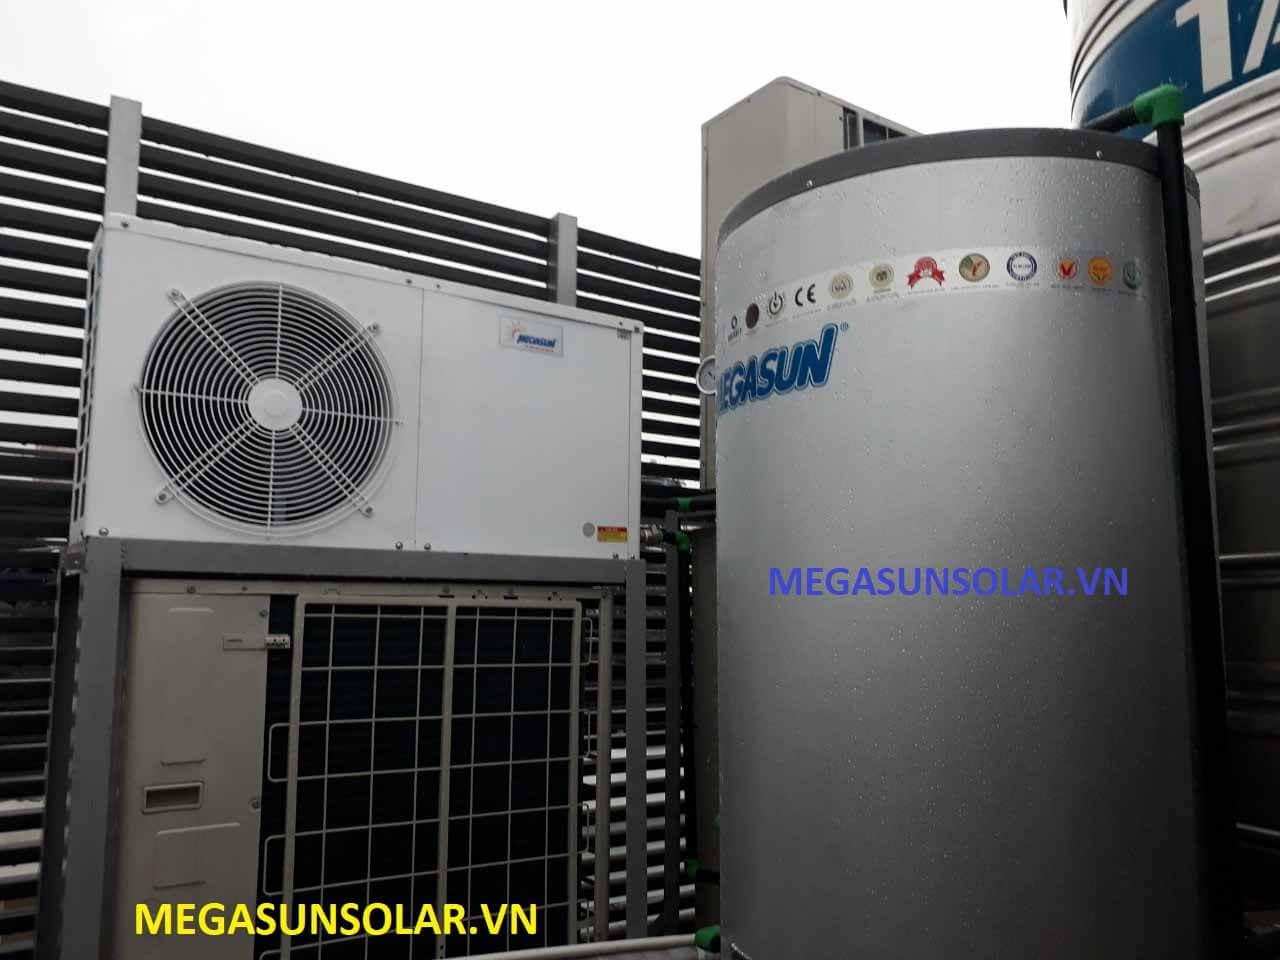 Bồn nước nóng Inox Megasun có chức năng giữ nhiệt